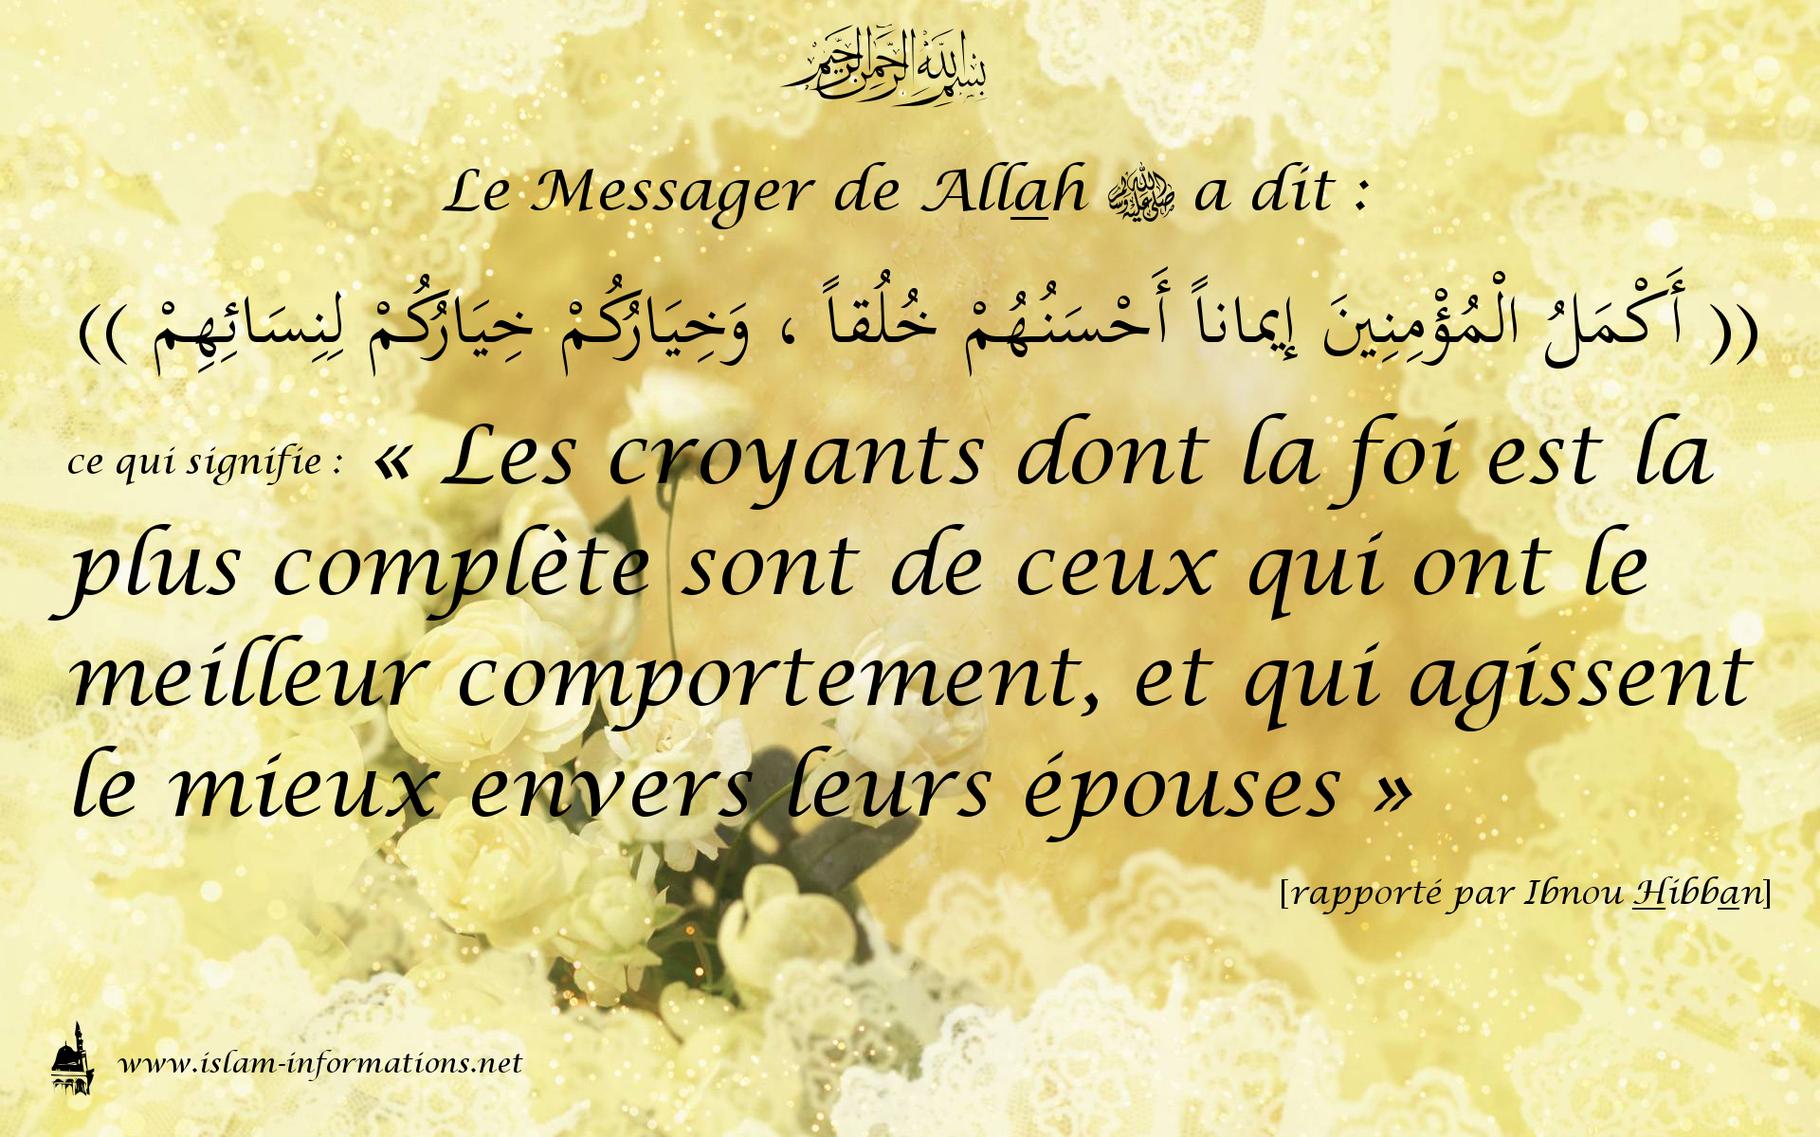 Connu Conseil pour l'époux - [islam-informations.net] EJ12